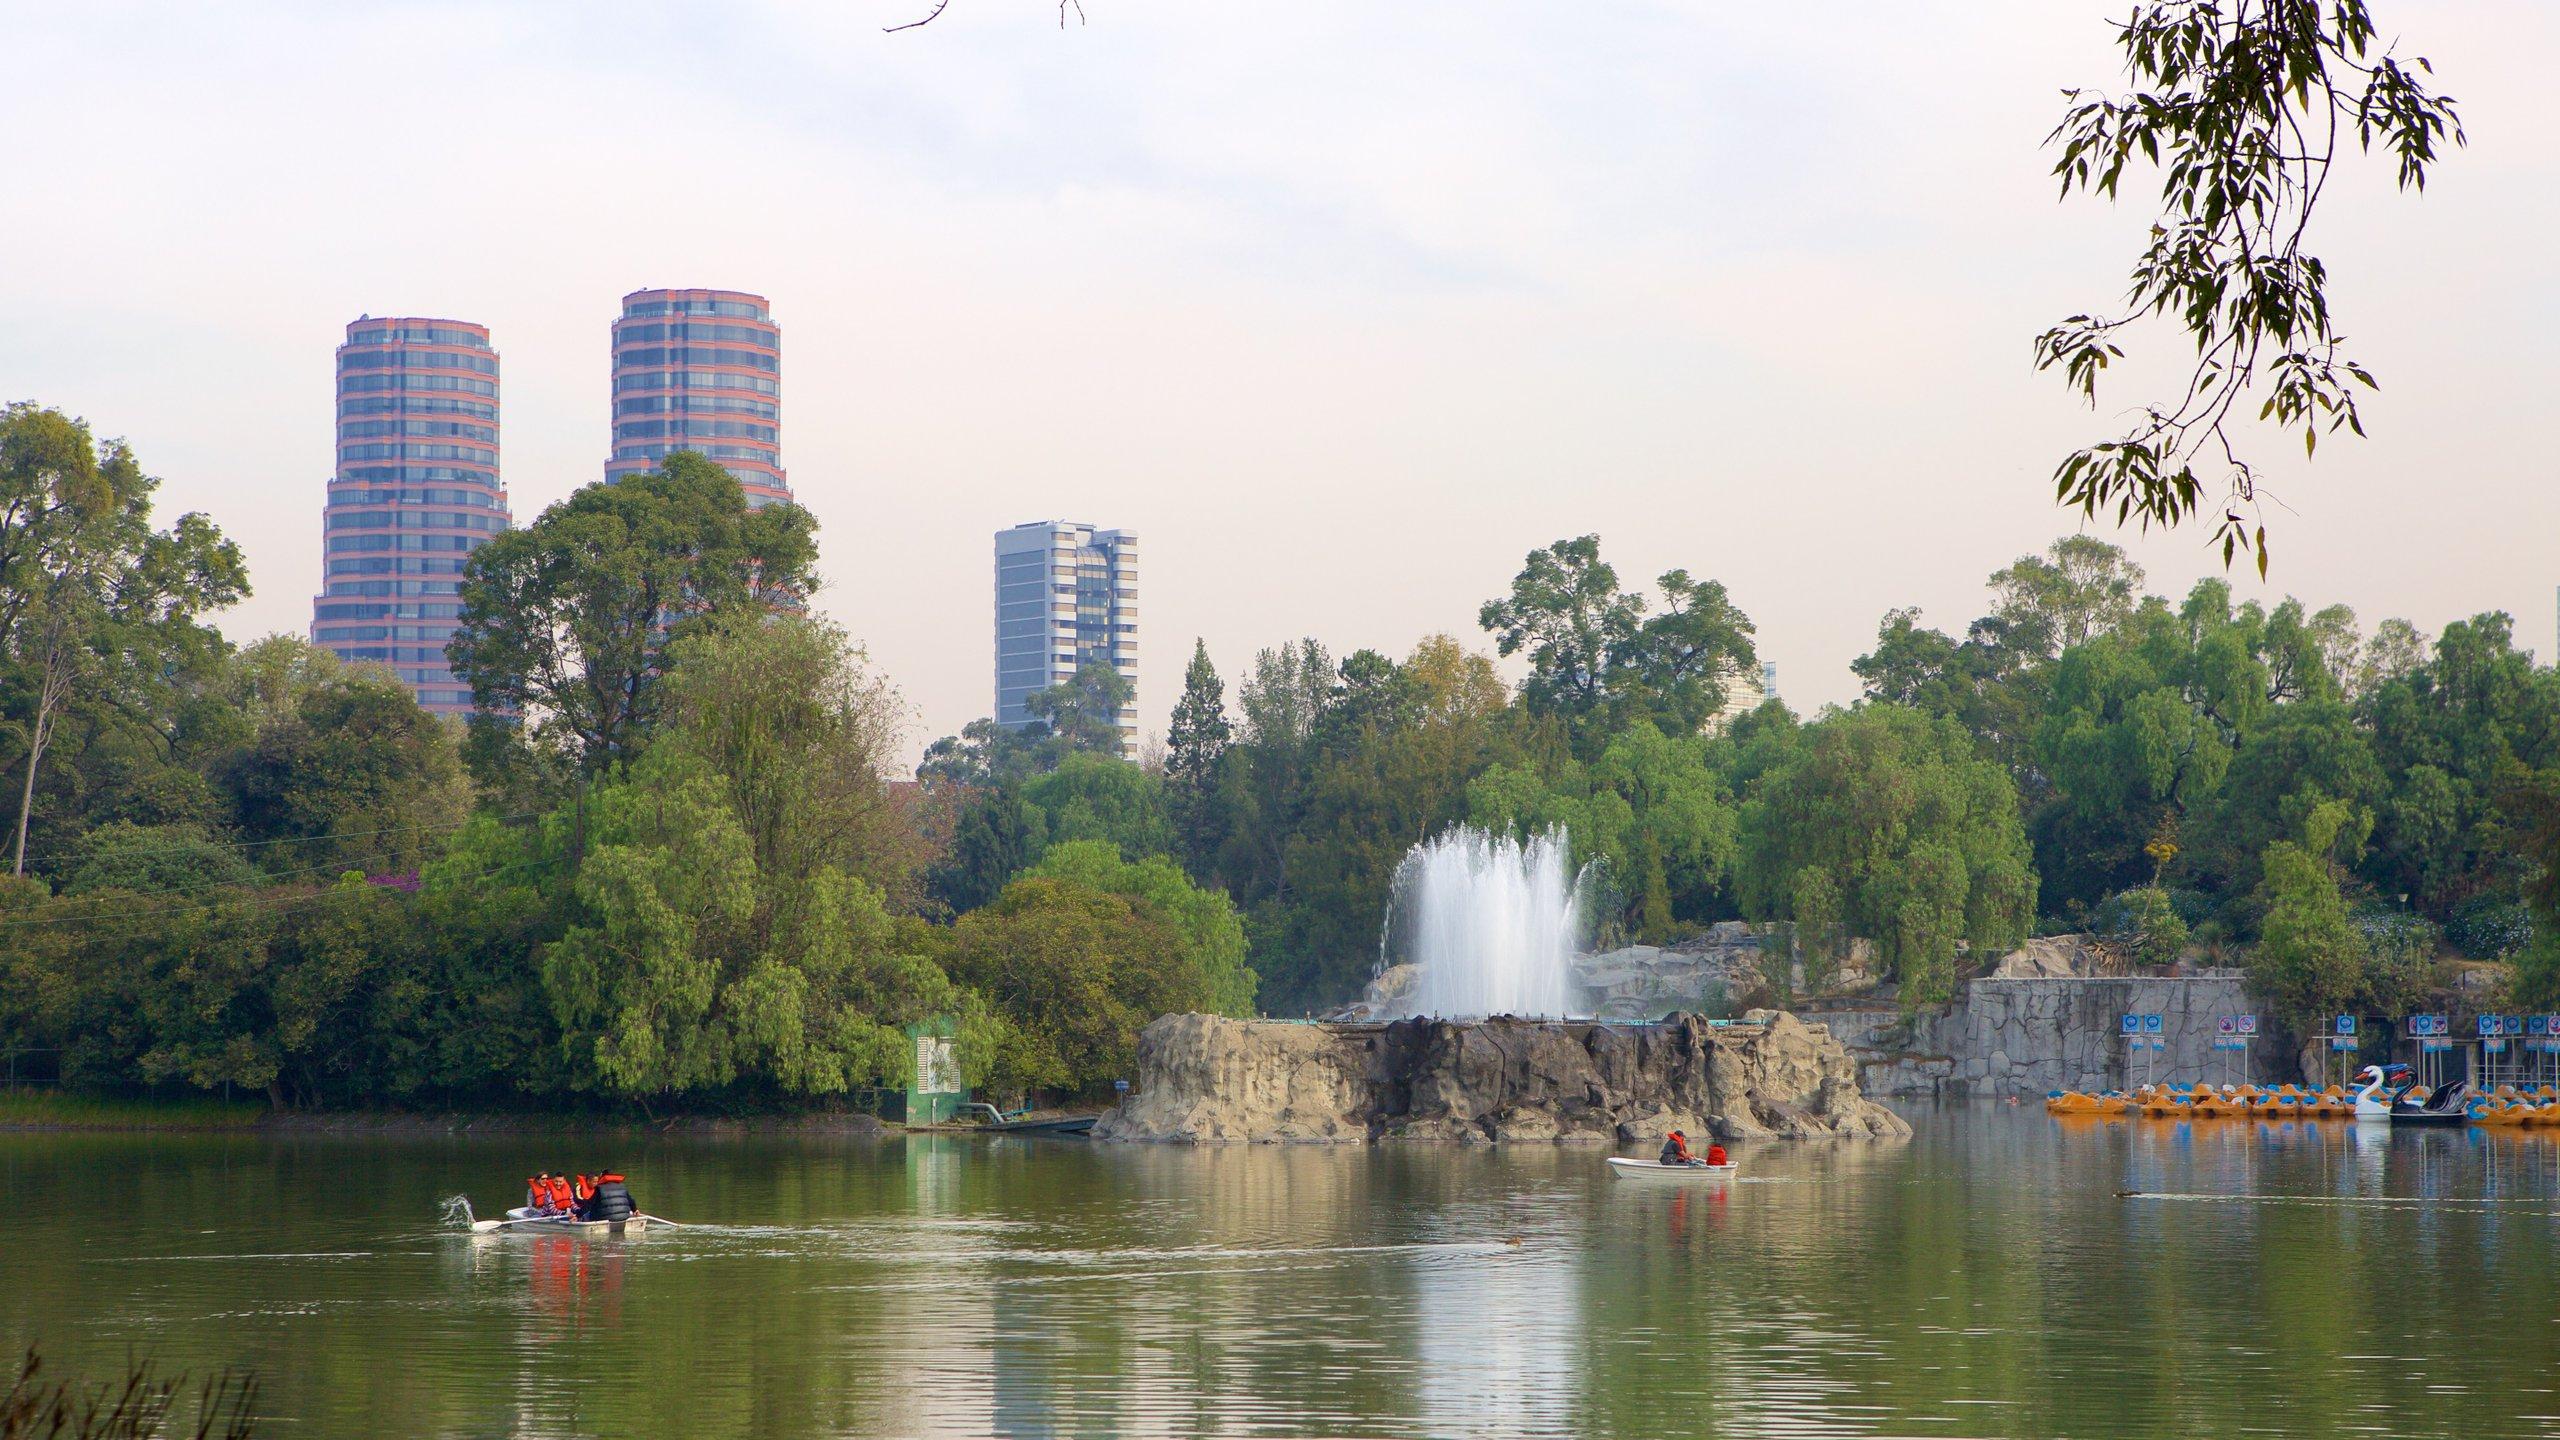 Chapultepec Park, Mexico City, Mexico